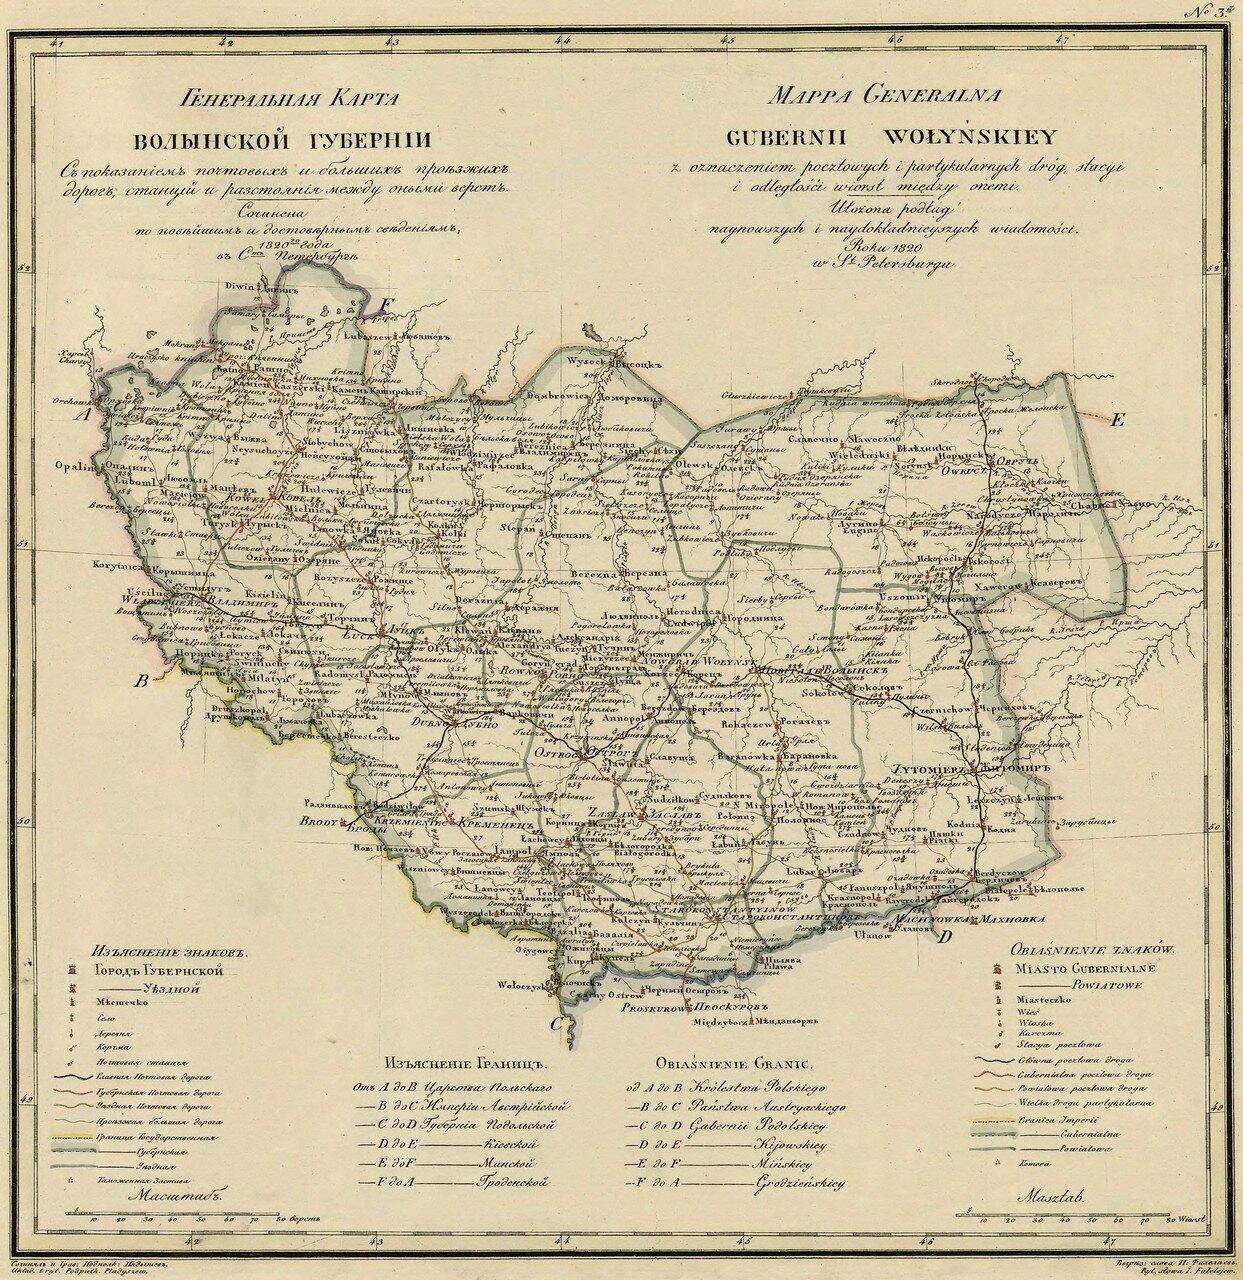 03. Волынская губерния. 1820